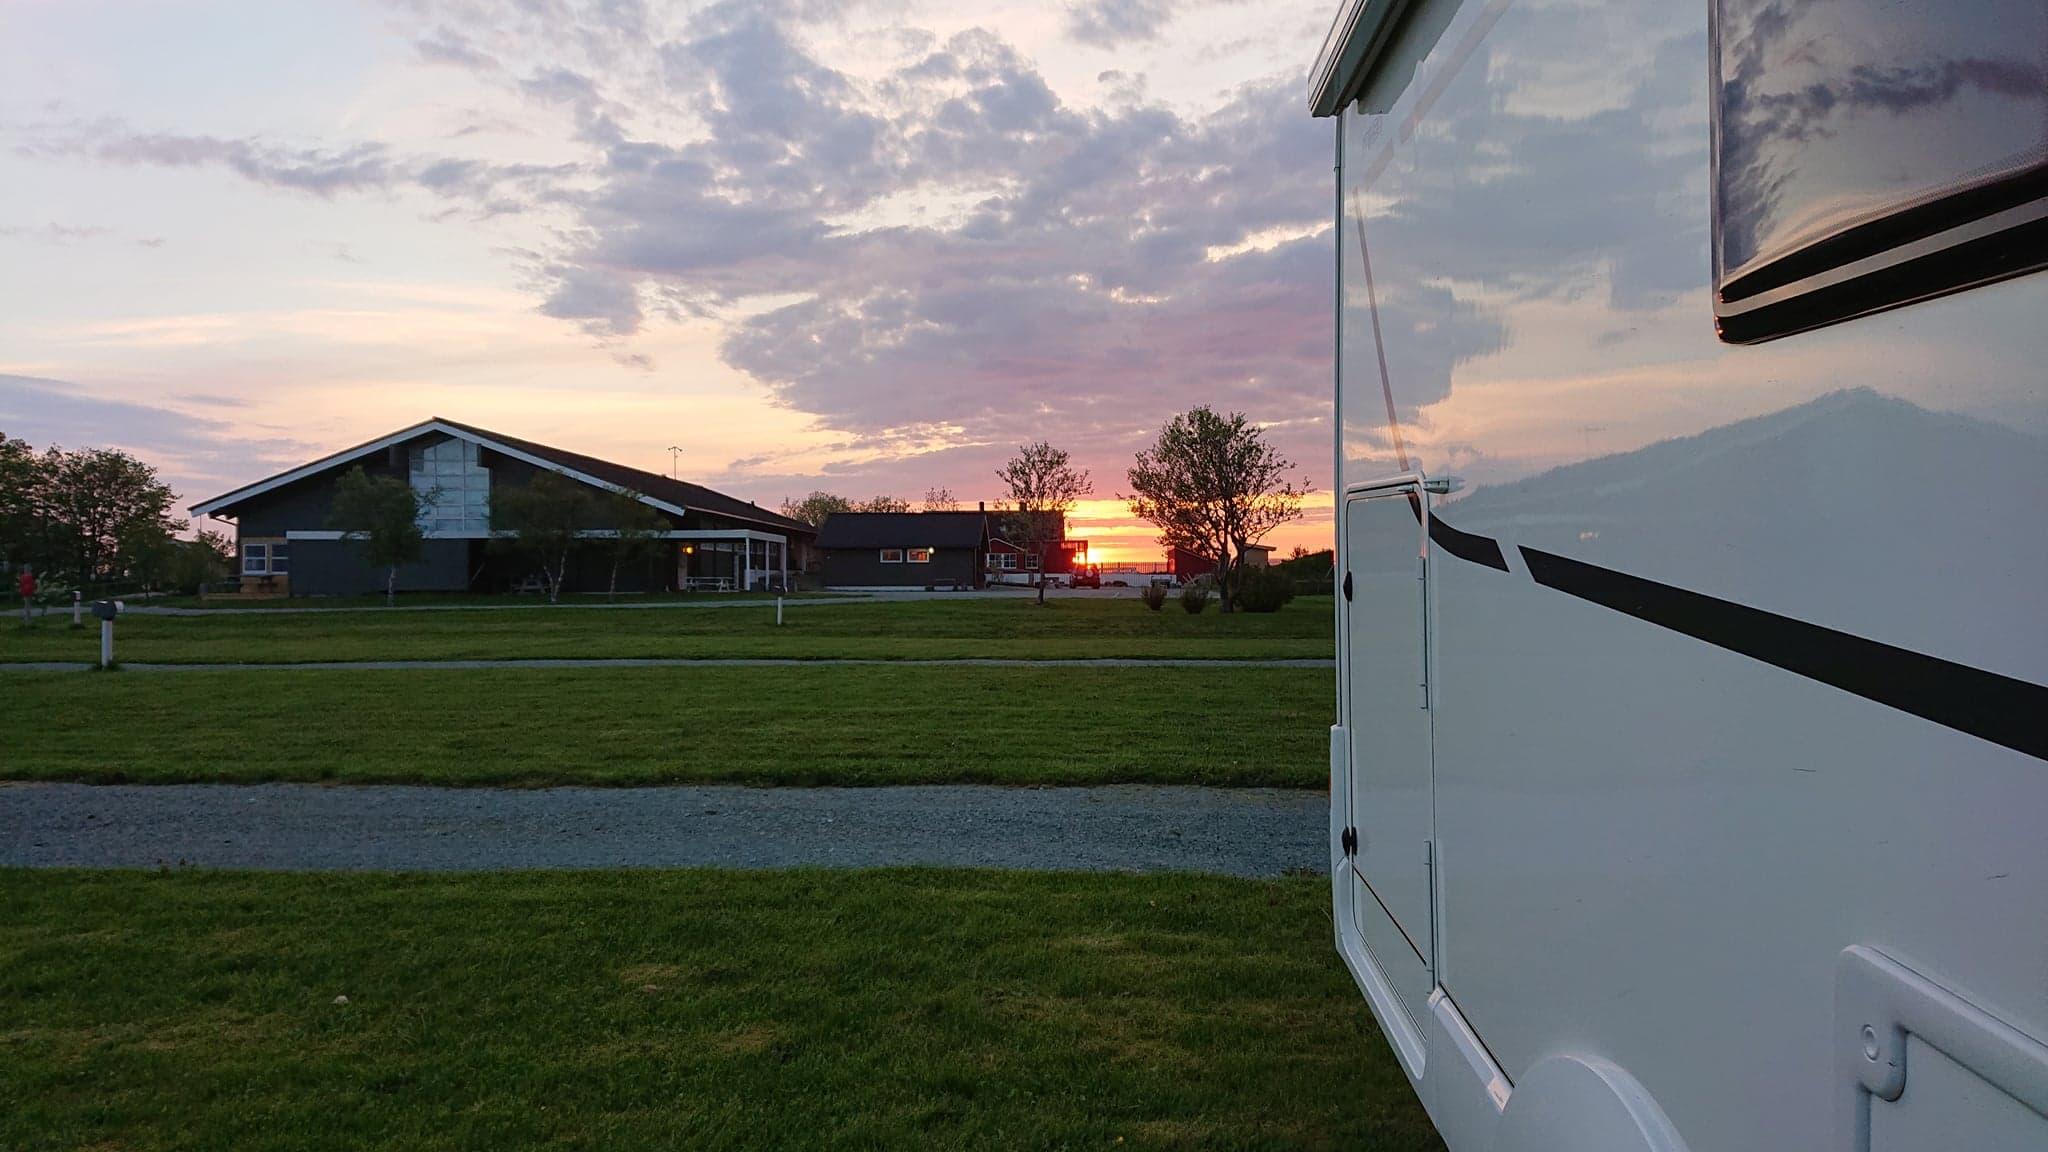 Utsikt mot solnedgang / view to sunset